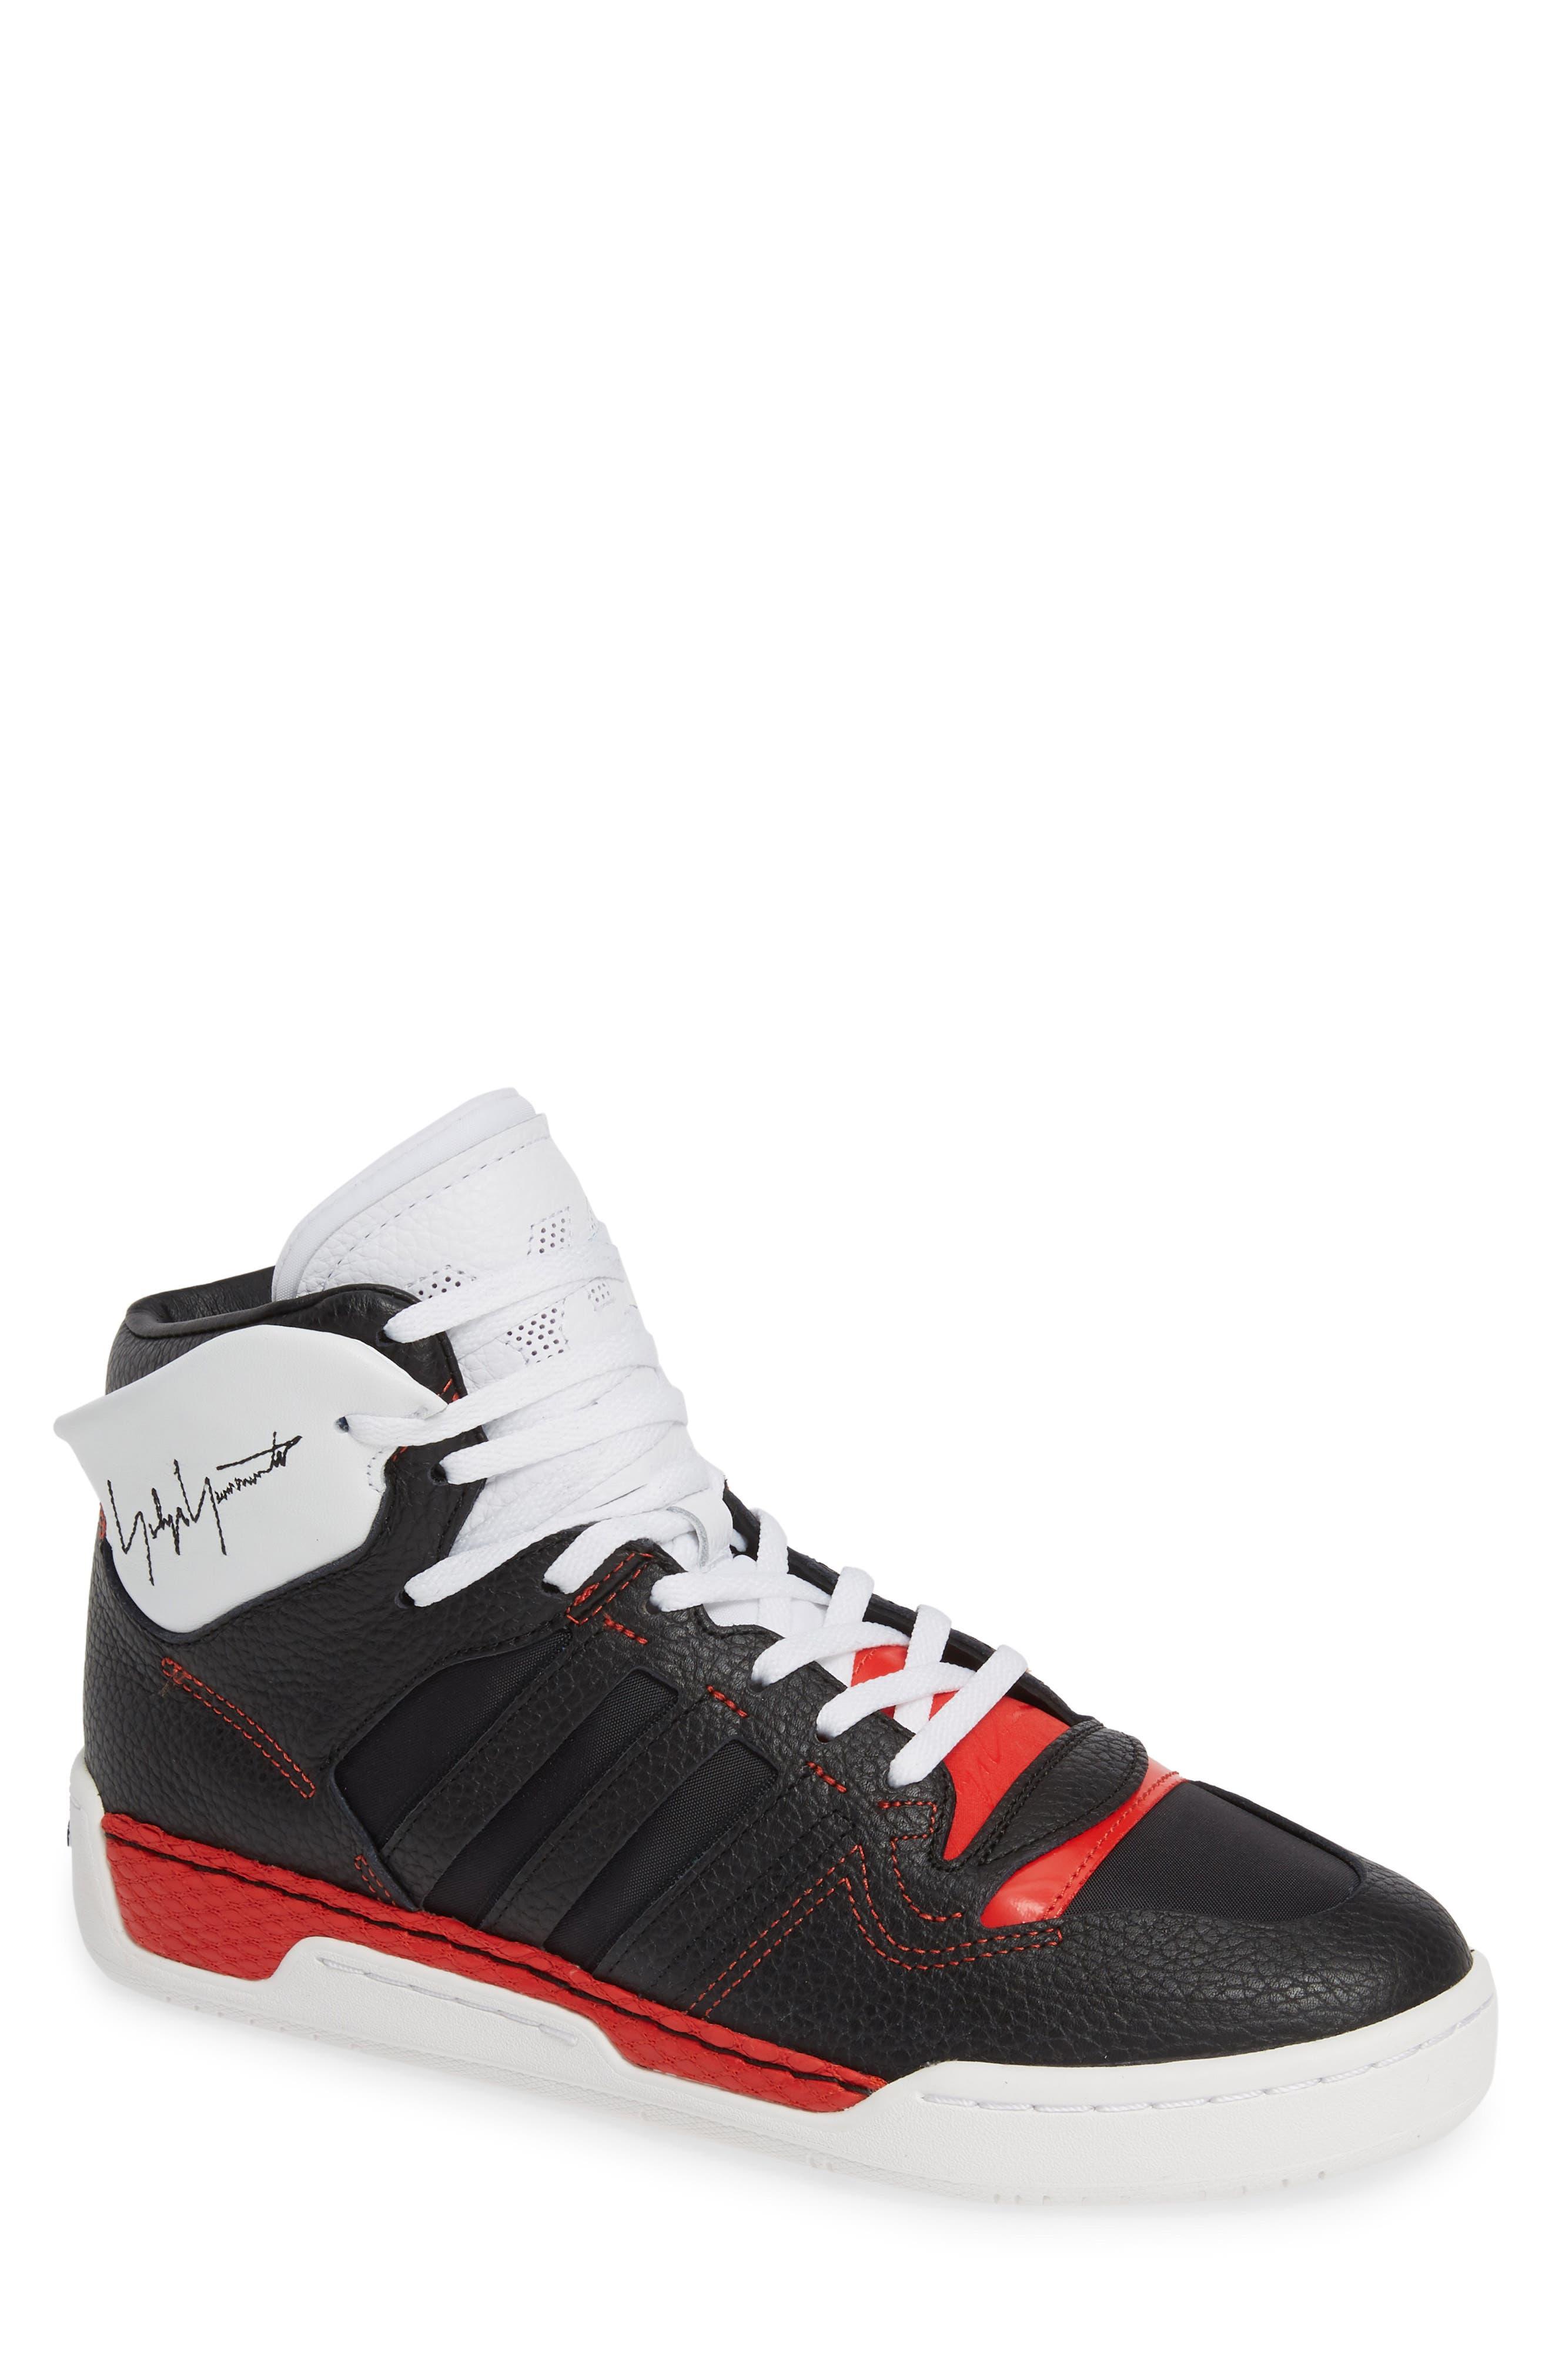 Y-3 x adidas Hayworth High Top Sneaker, Main, color, BLACK/ BLACK/ RED